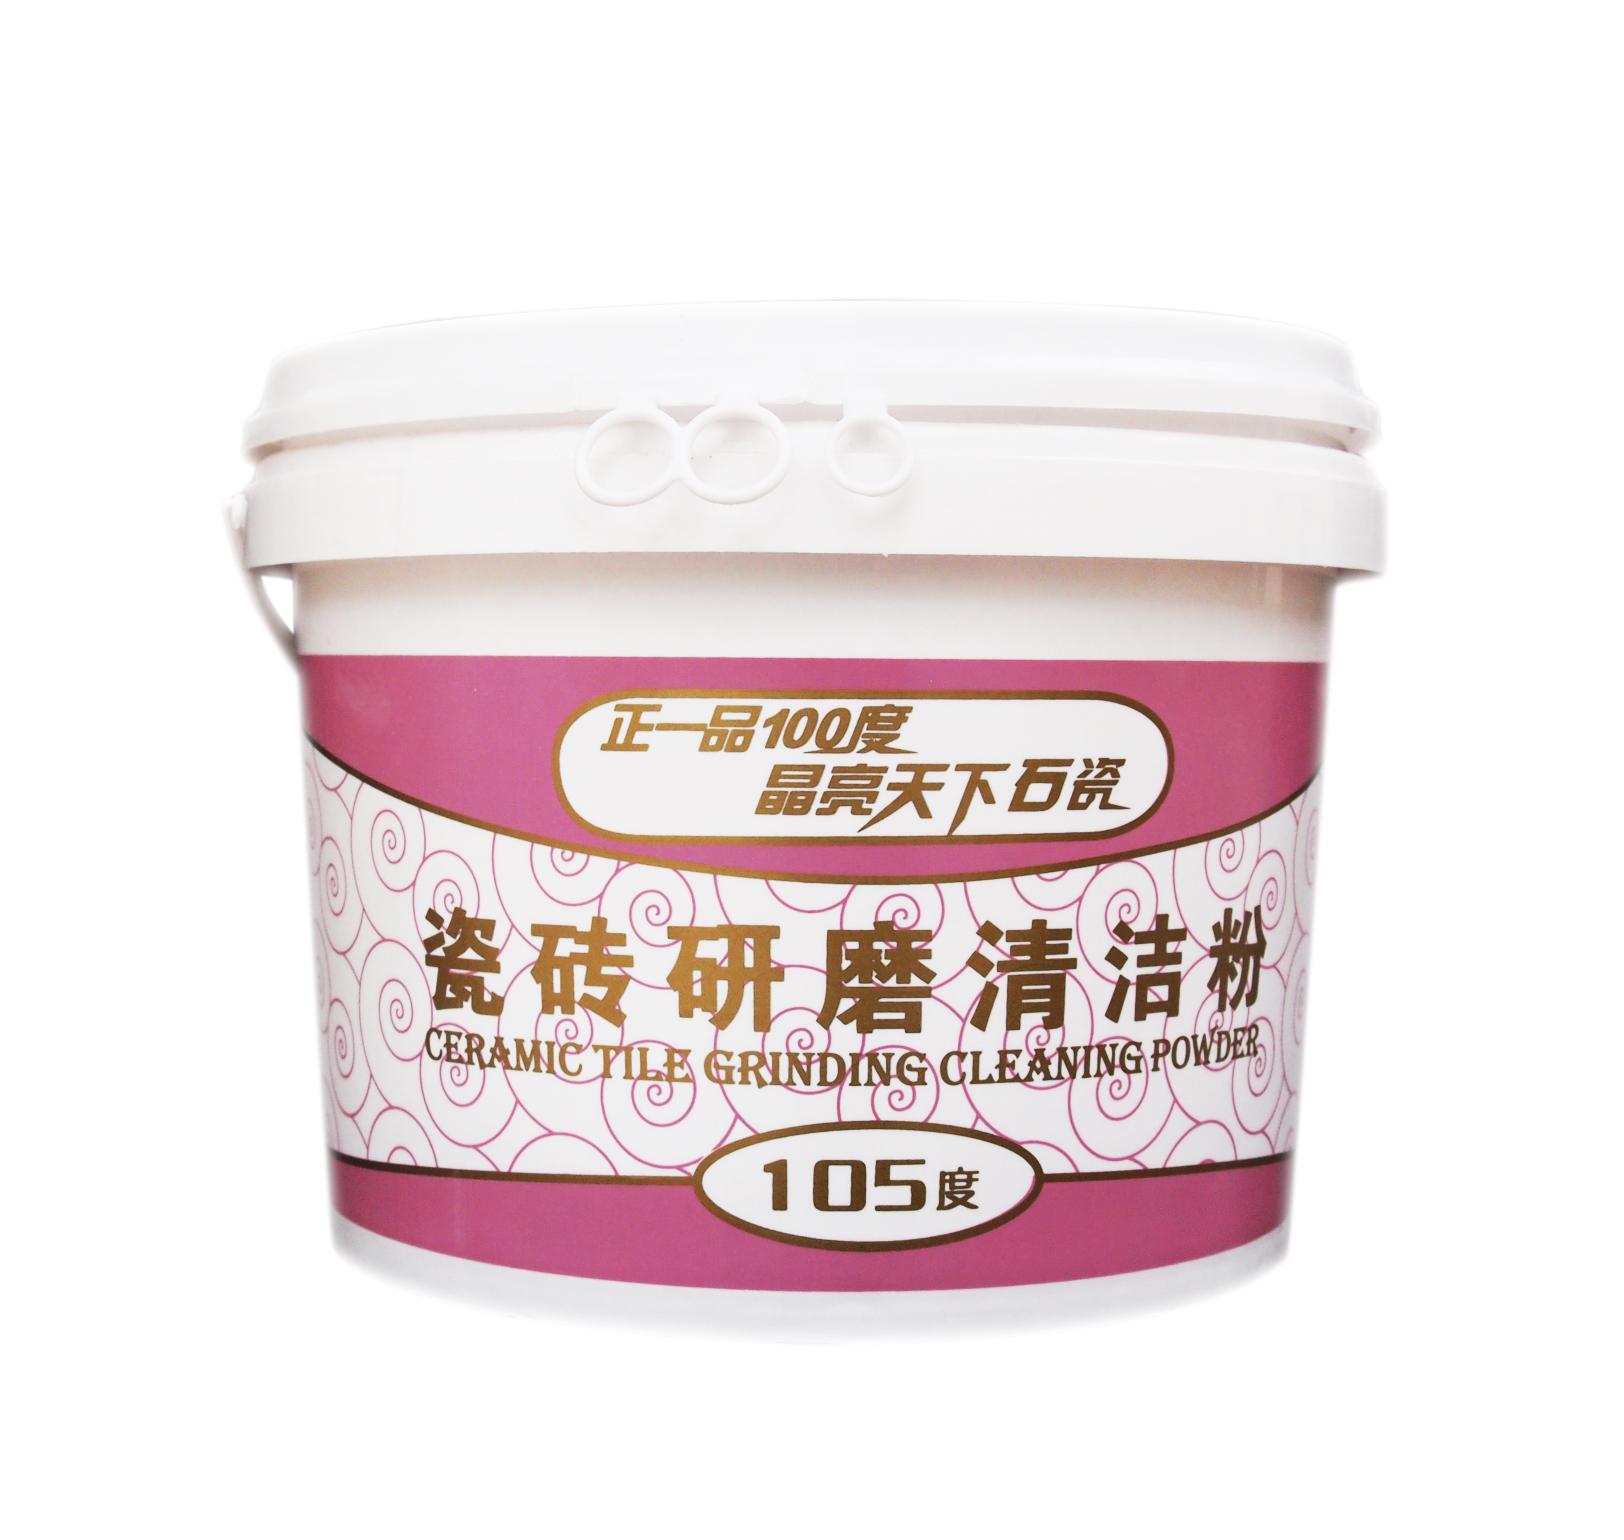 105度瓷砖研磨清洁粉